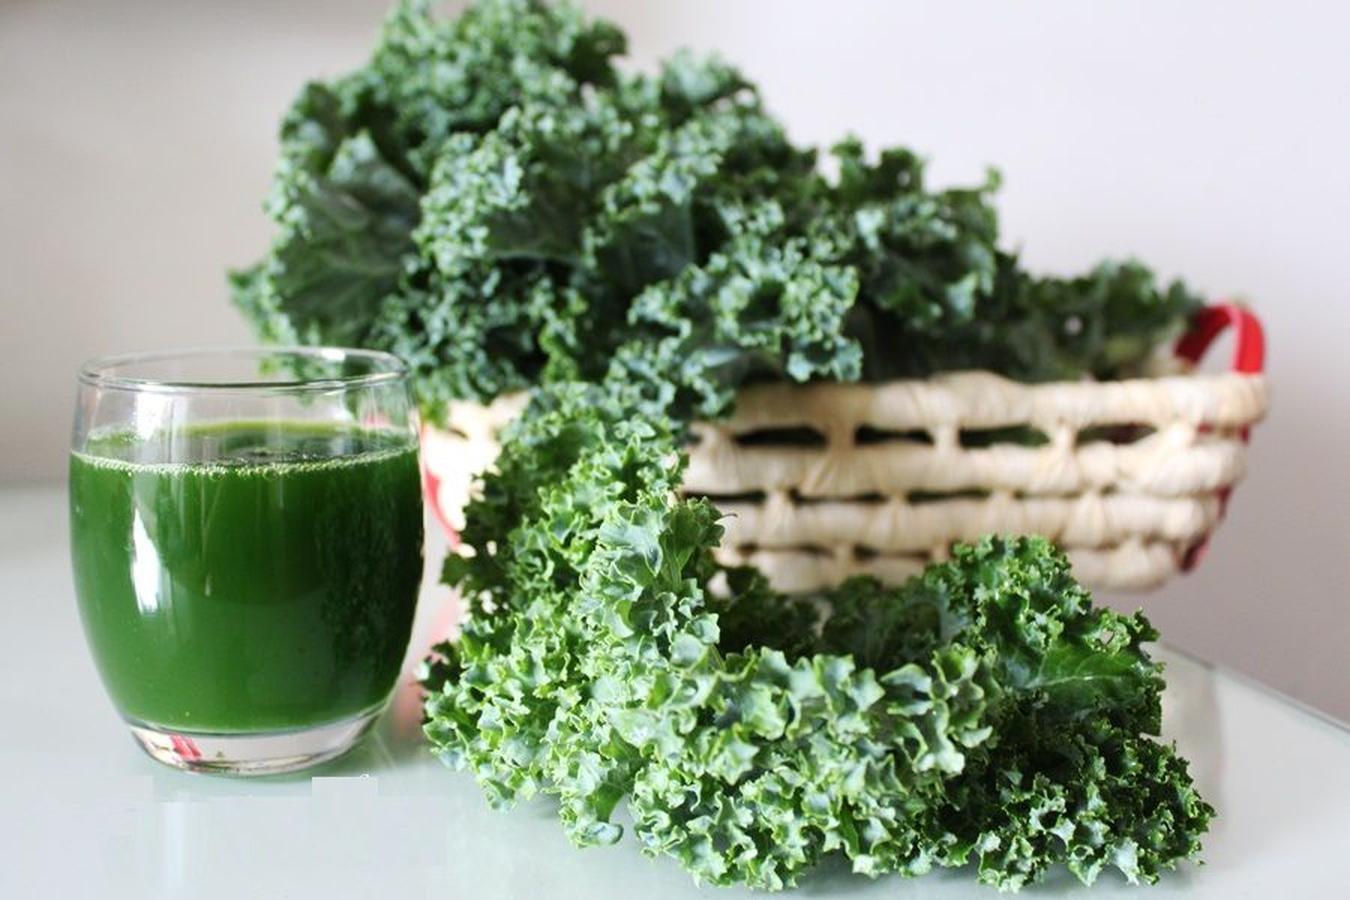 Không chỉ trứng, những loại rau này cũng giúp bổ sung canxi hỗ trợ cho việc tăng chiều cao rất tốt - Ảnh 4